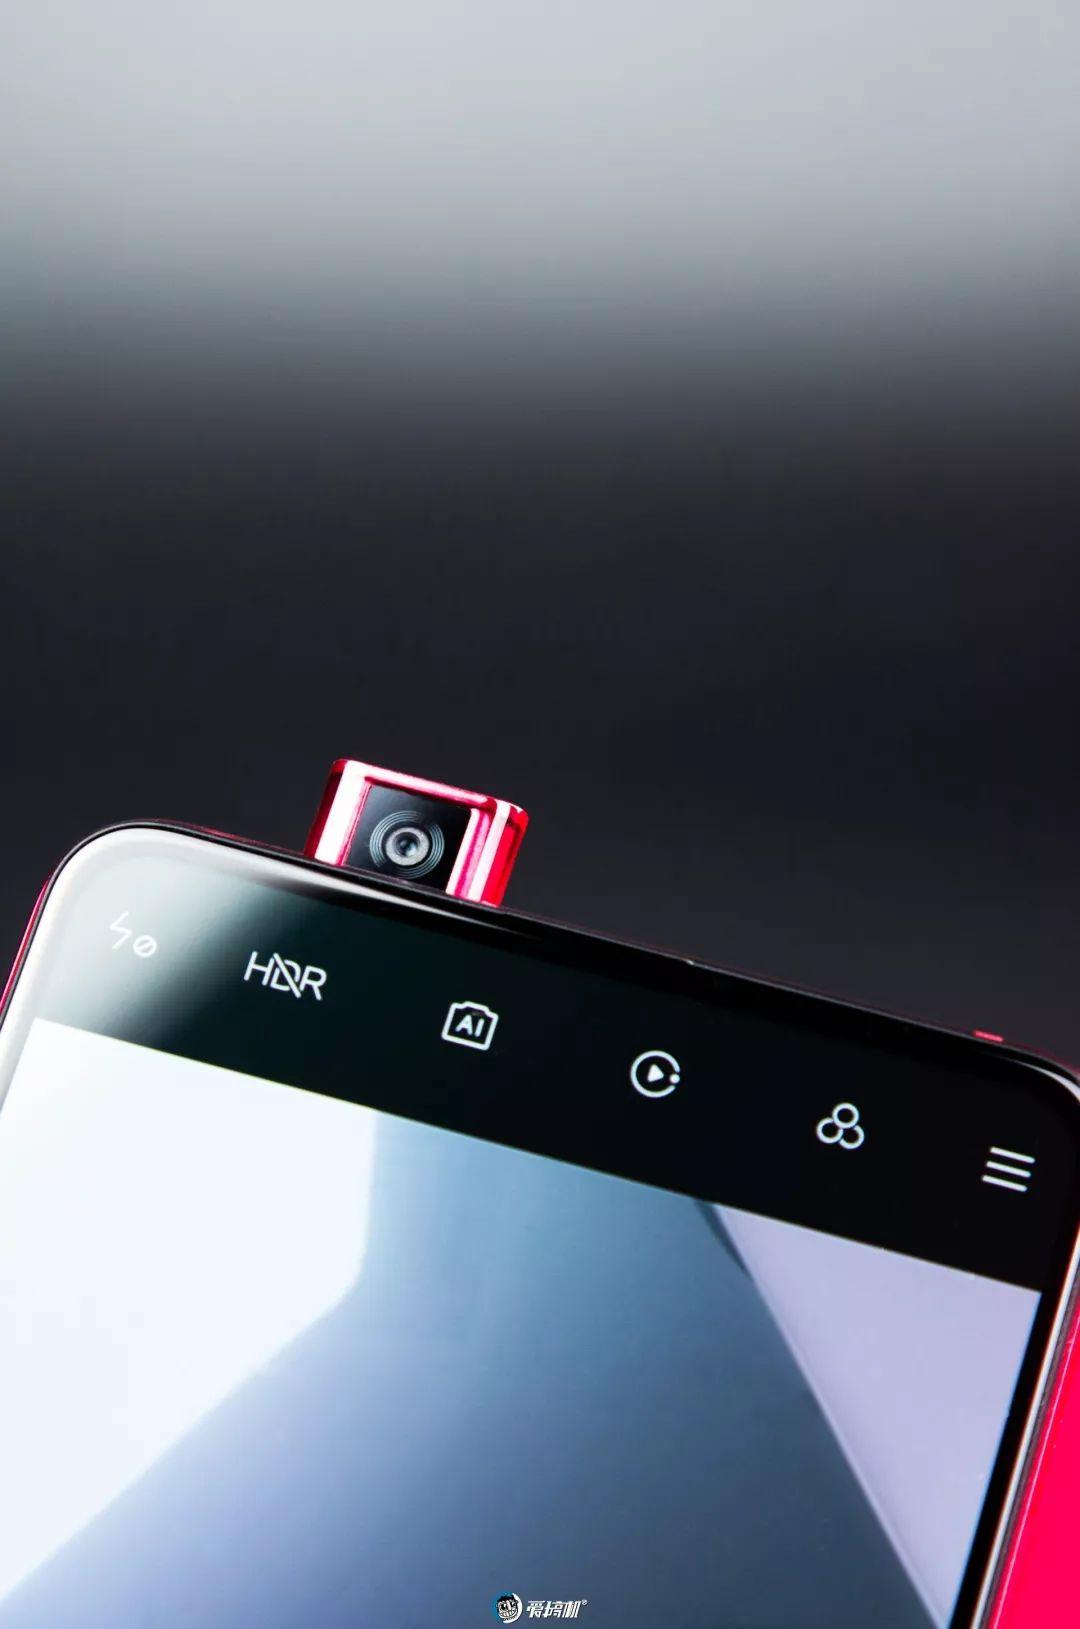 ポップアップカメラ|Redmi K20 Pro レビュー